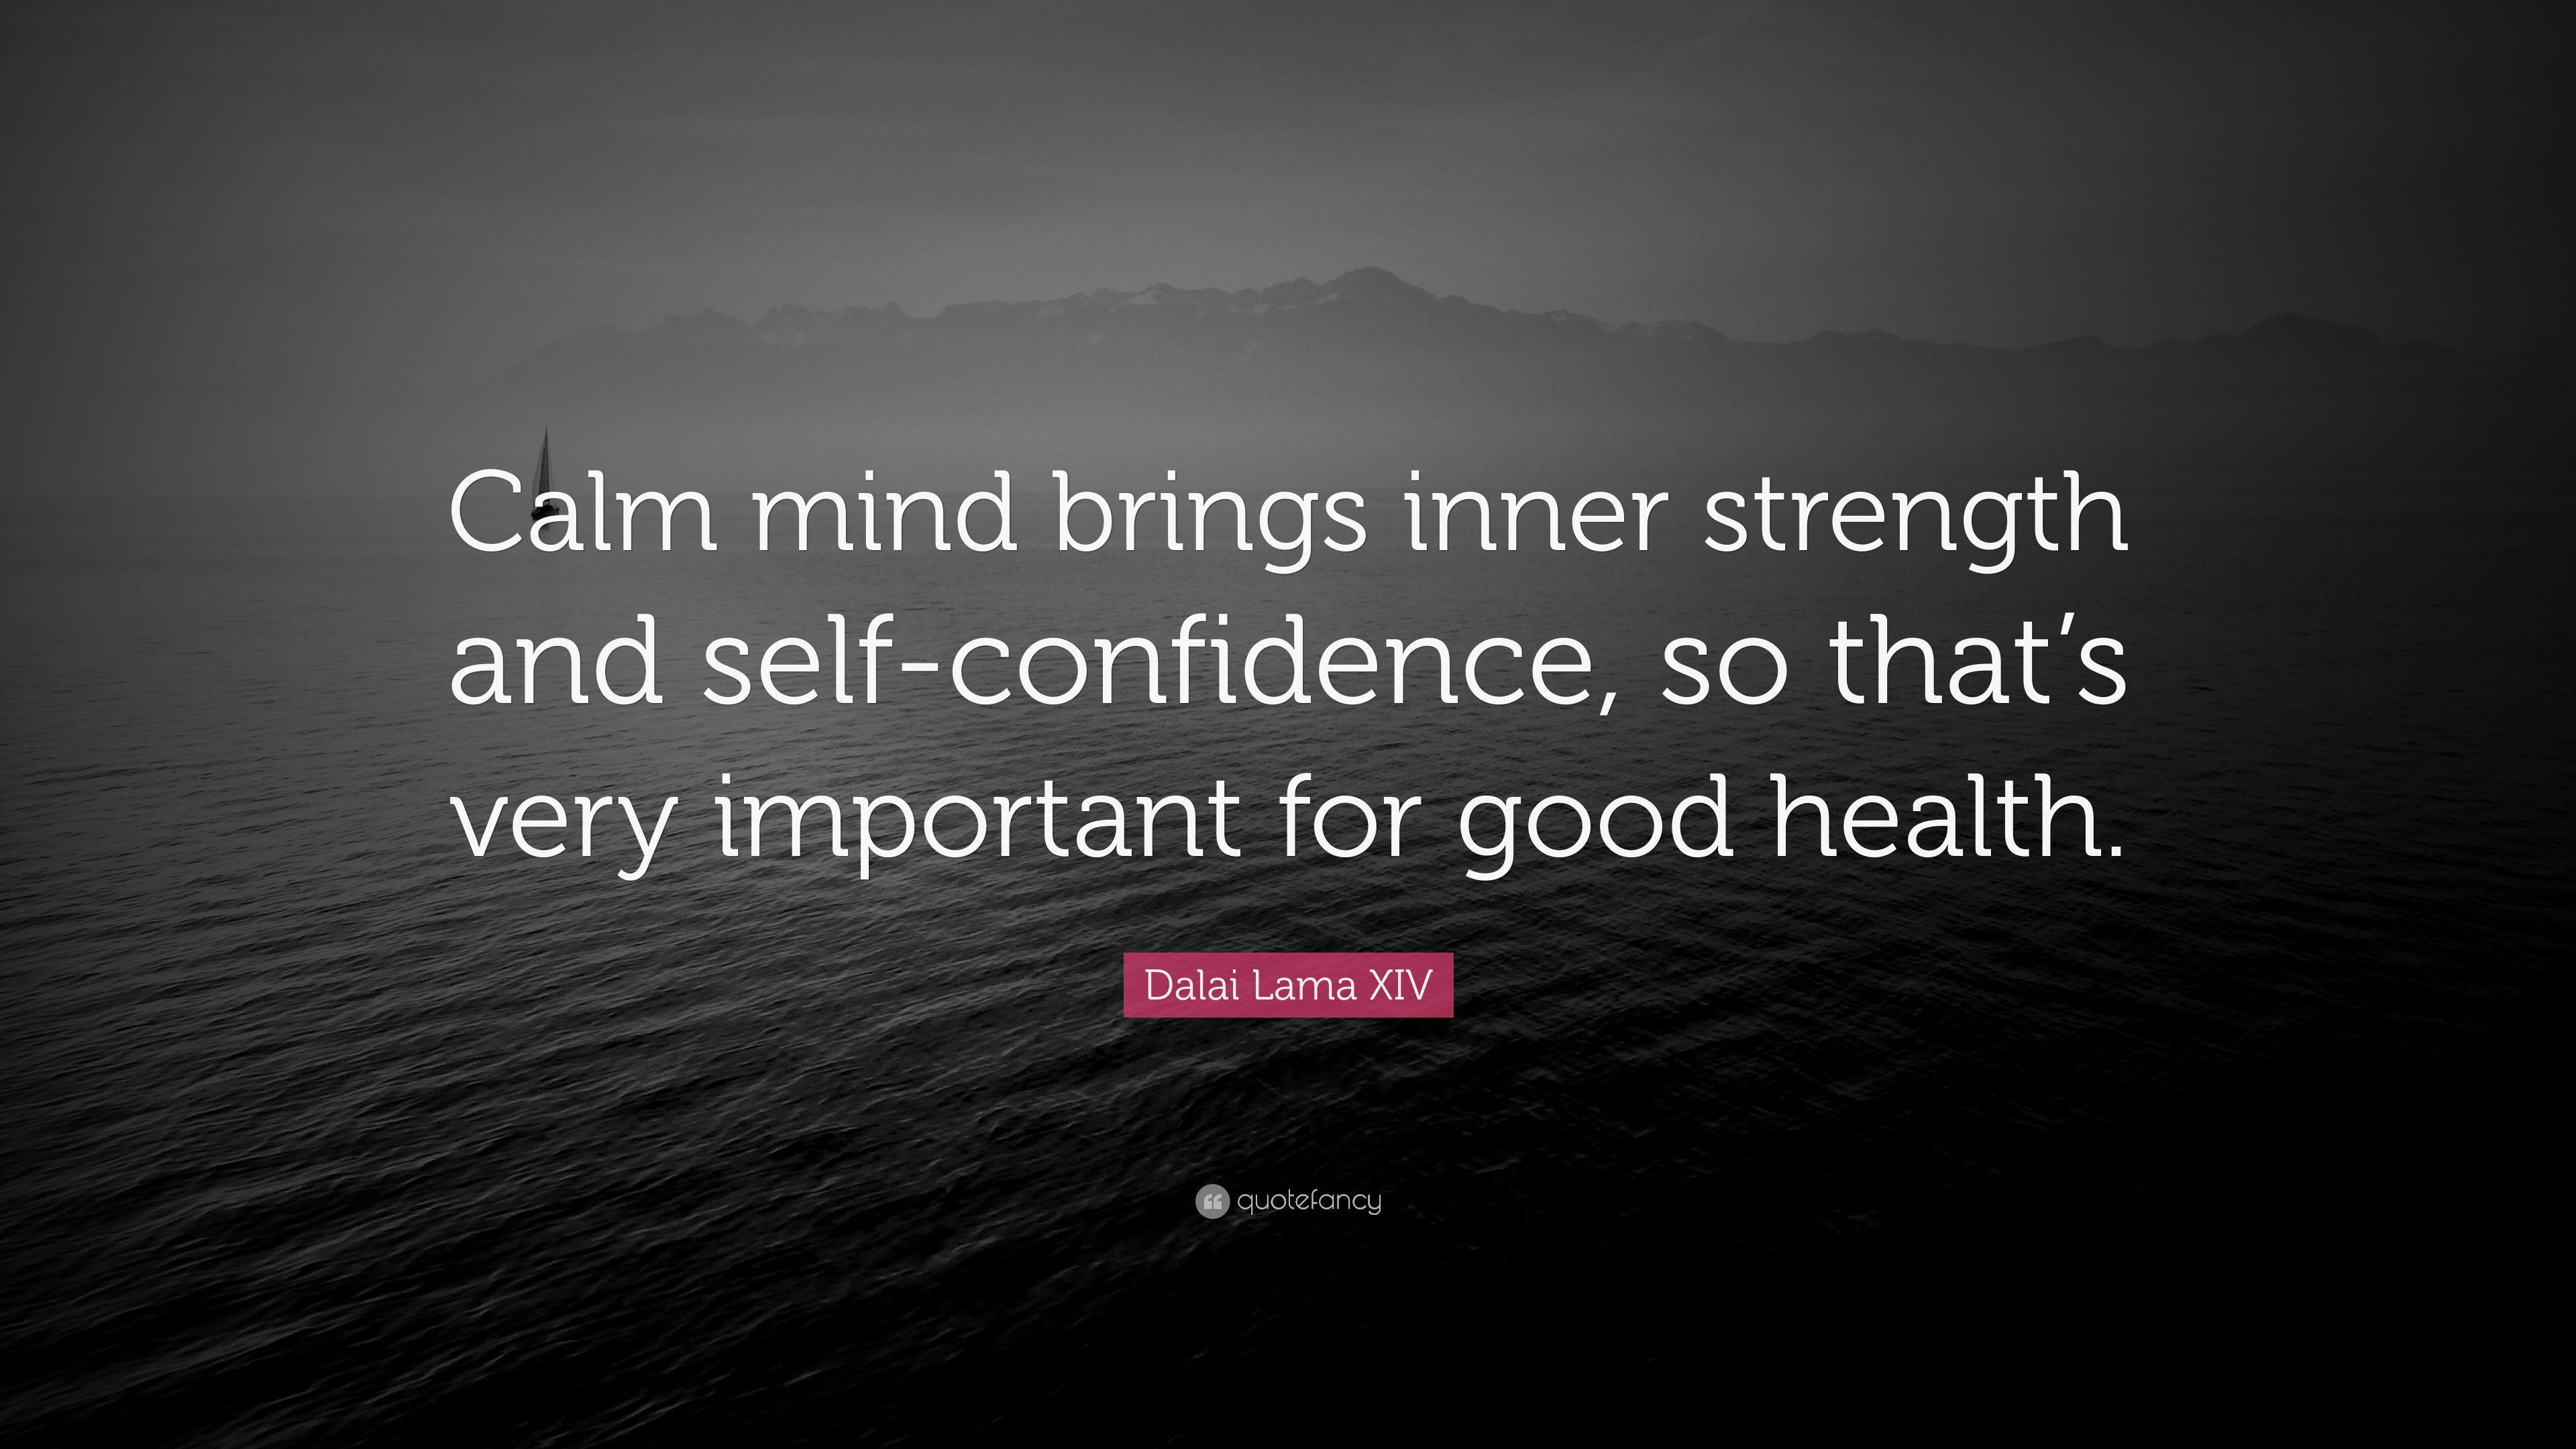 Dalai Lama Xiv Quote Calm Mind Brings Inner Strength And Self